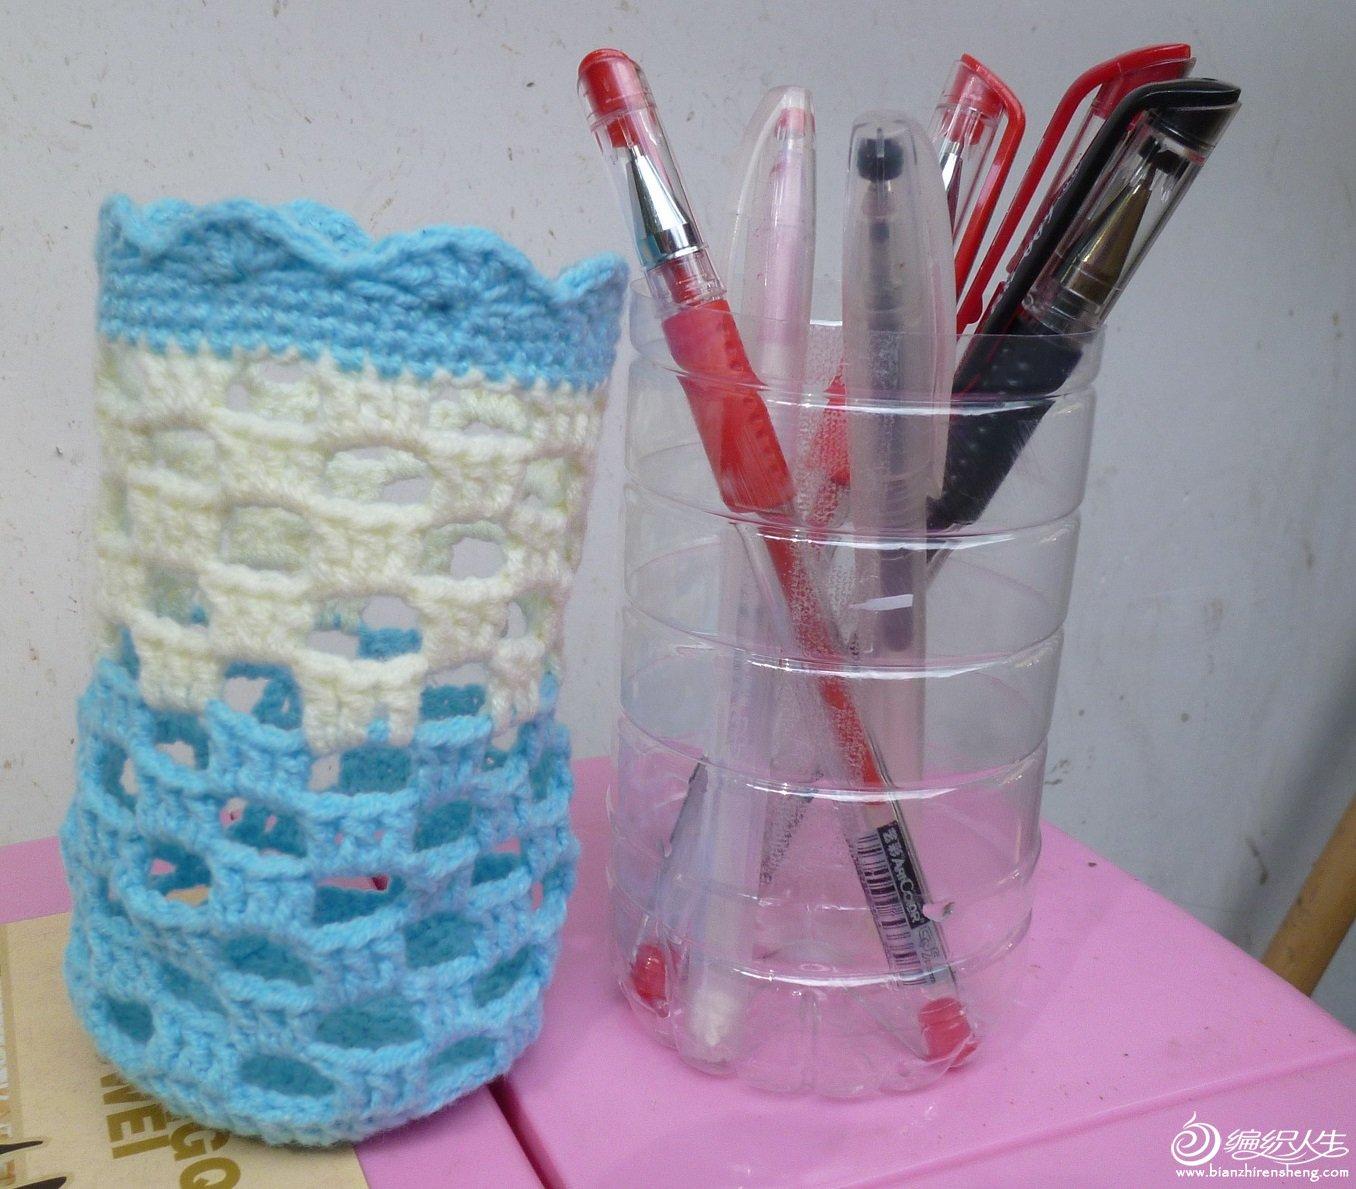 笔筒套(钩针)    内部是用一个普通的矿泉水瓶剪的,再将钩的笔筒套套